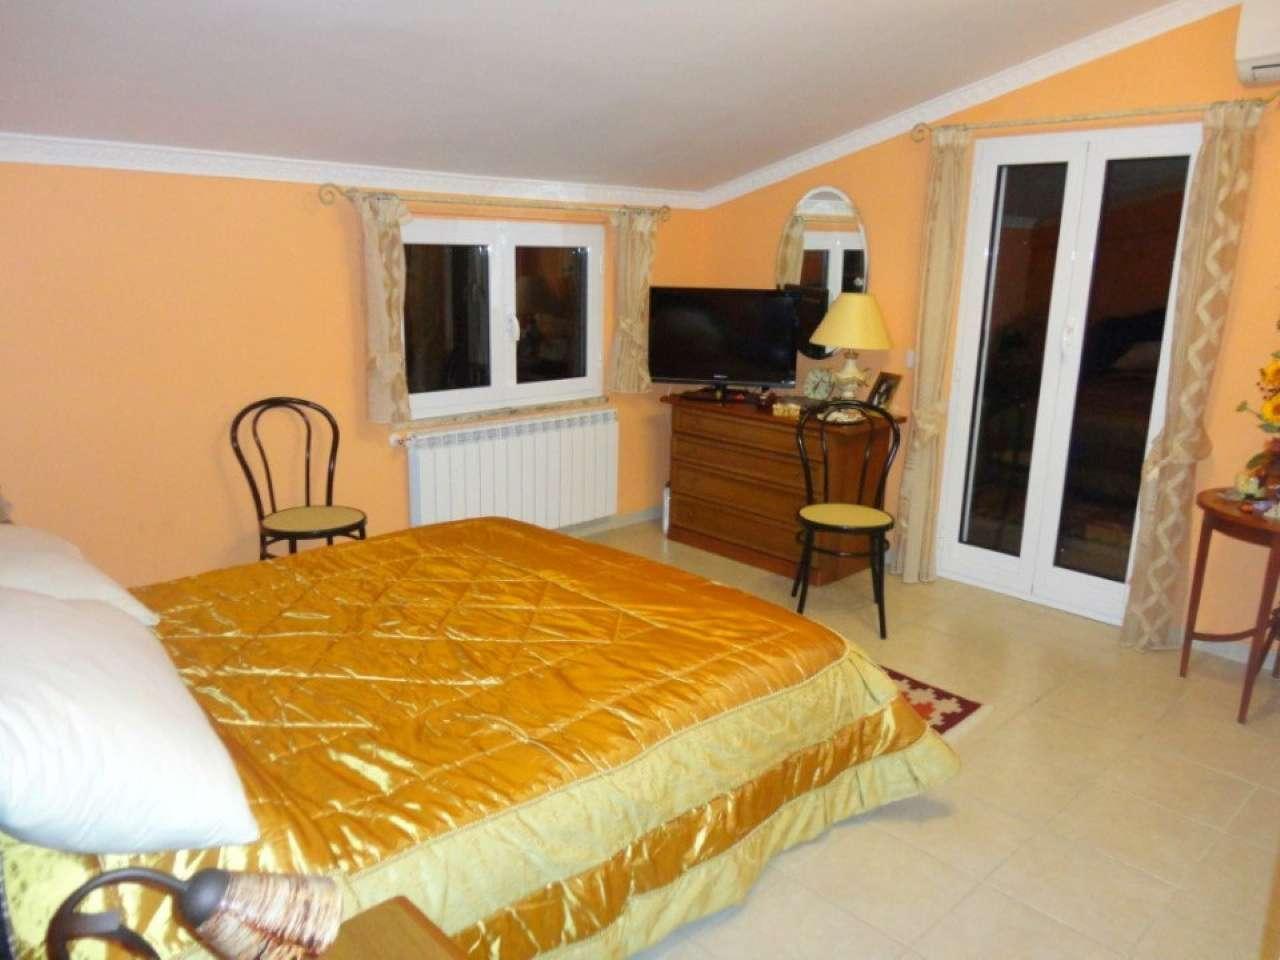 Appartamento in vendita a Roma, 3 locali, zona Zona: 33 . Quarto Casale, Labaro, Valle Muricana, Prima Porta, prezzo € 85.000 | CambioCasa.it